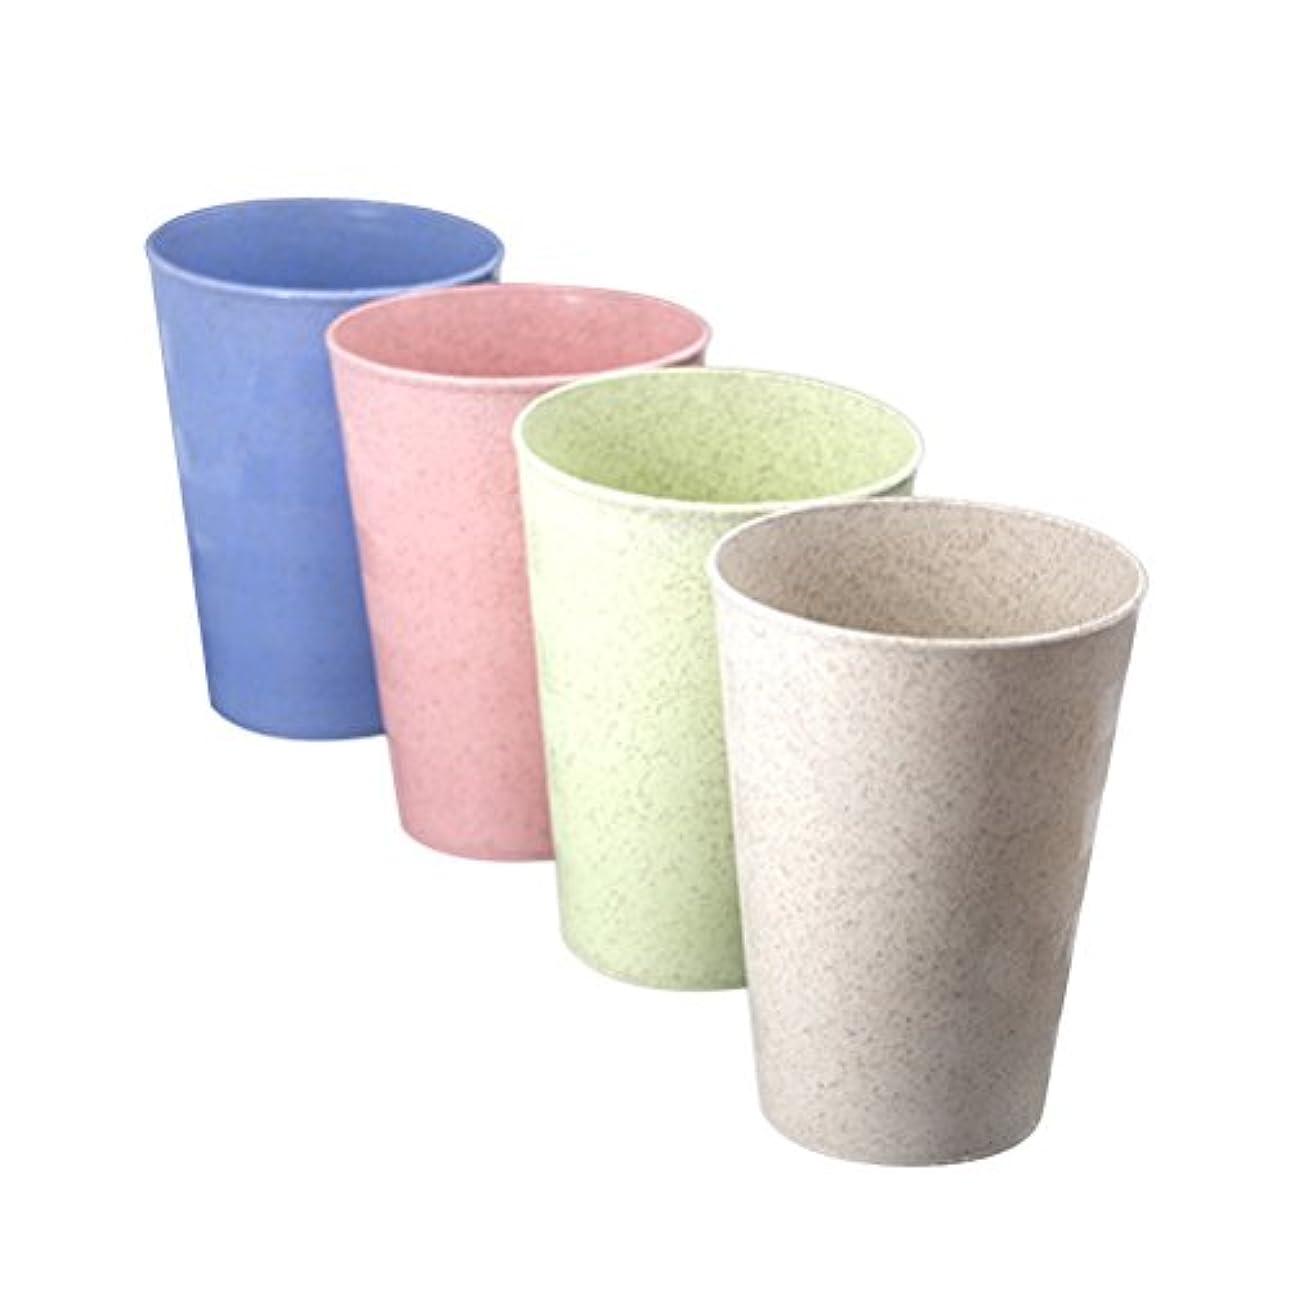 哲学博士ガロンバンジージャンプWINOMO 4個ホームマルチカラーWheatストロー生分解性ドリンクカップマグカップ歯ブラシカップ